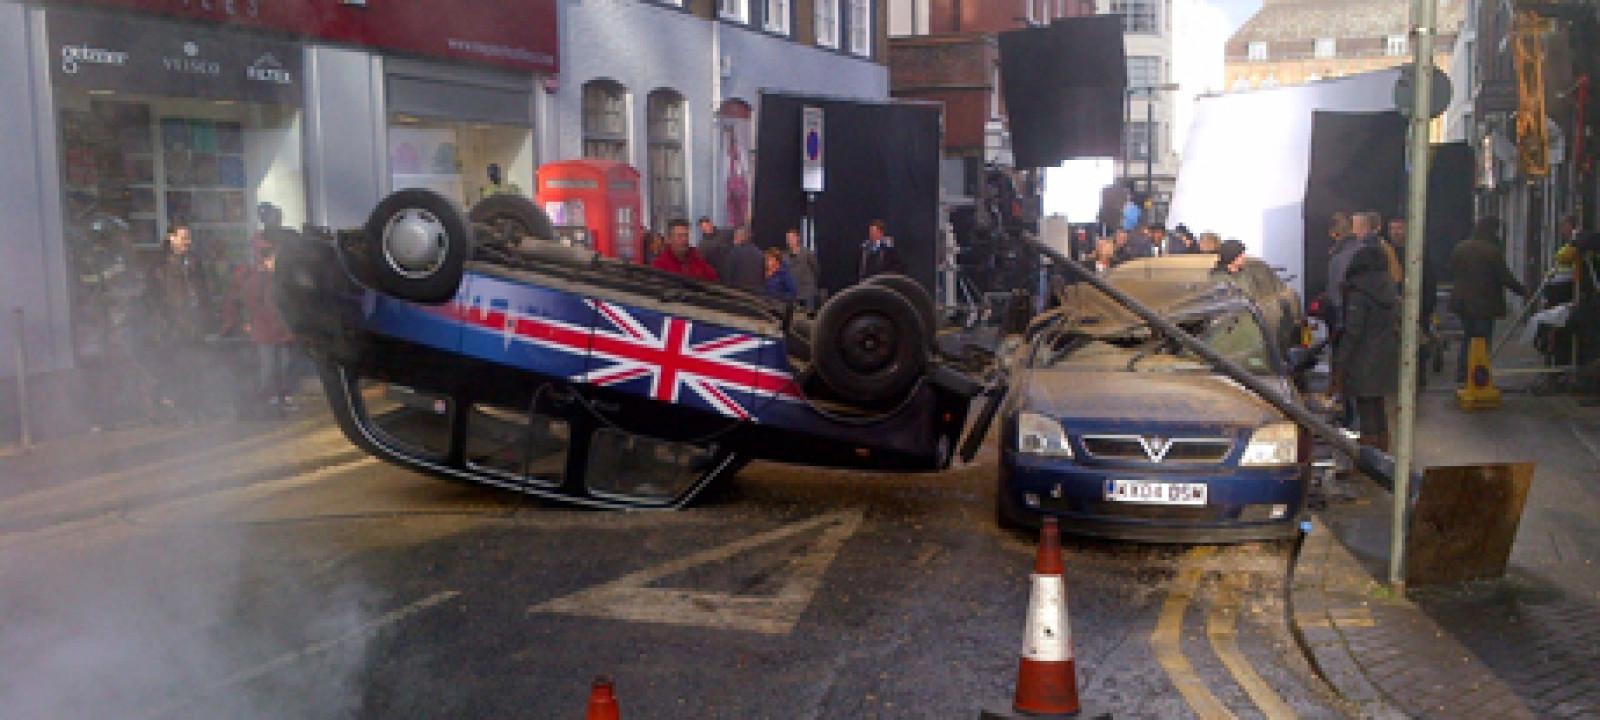 '24' TV series Filming, London, Britain – 22 Jan 2014